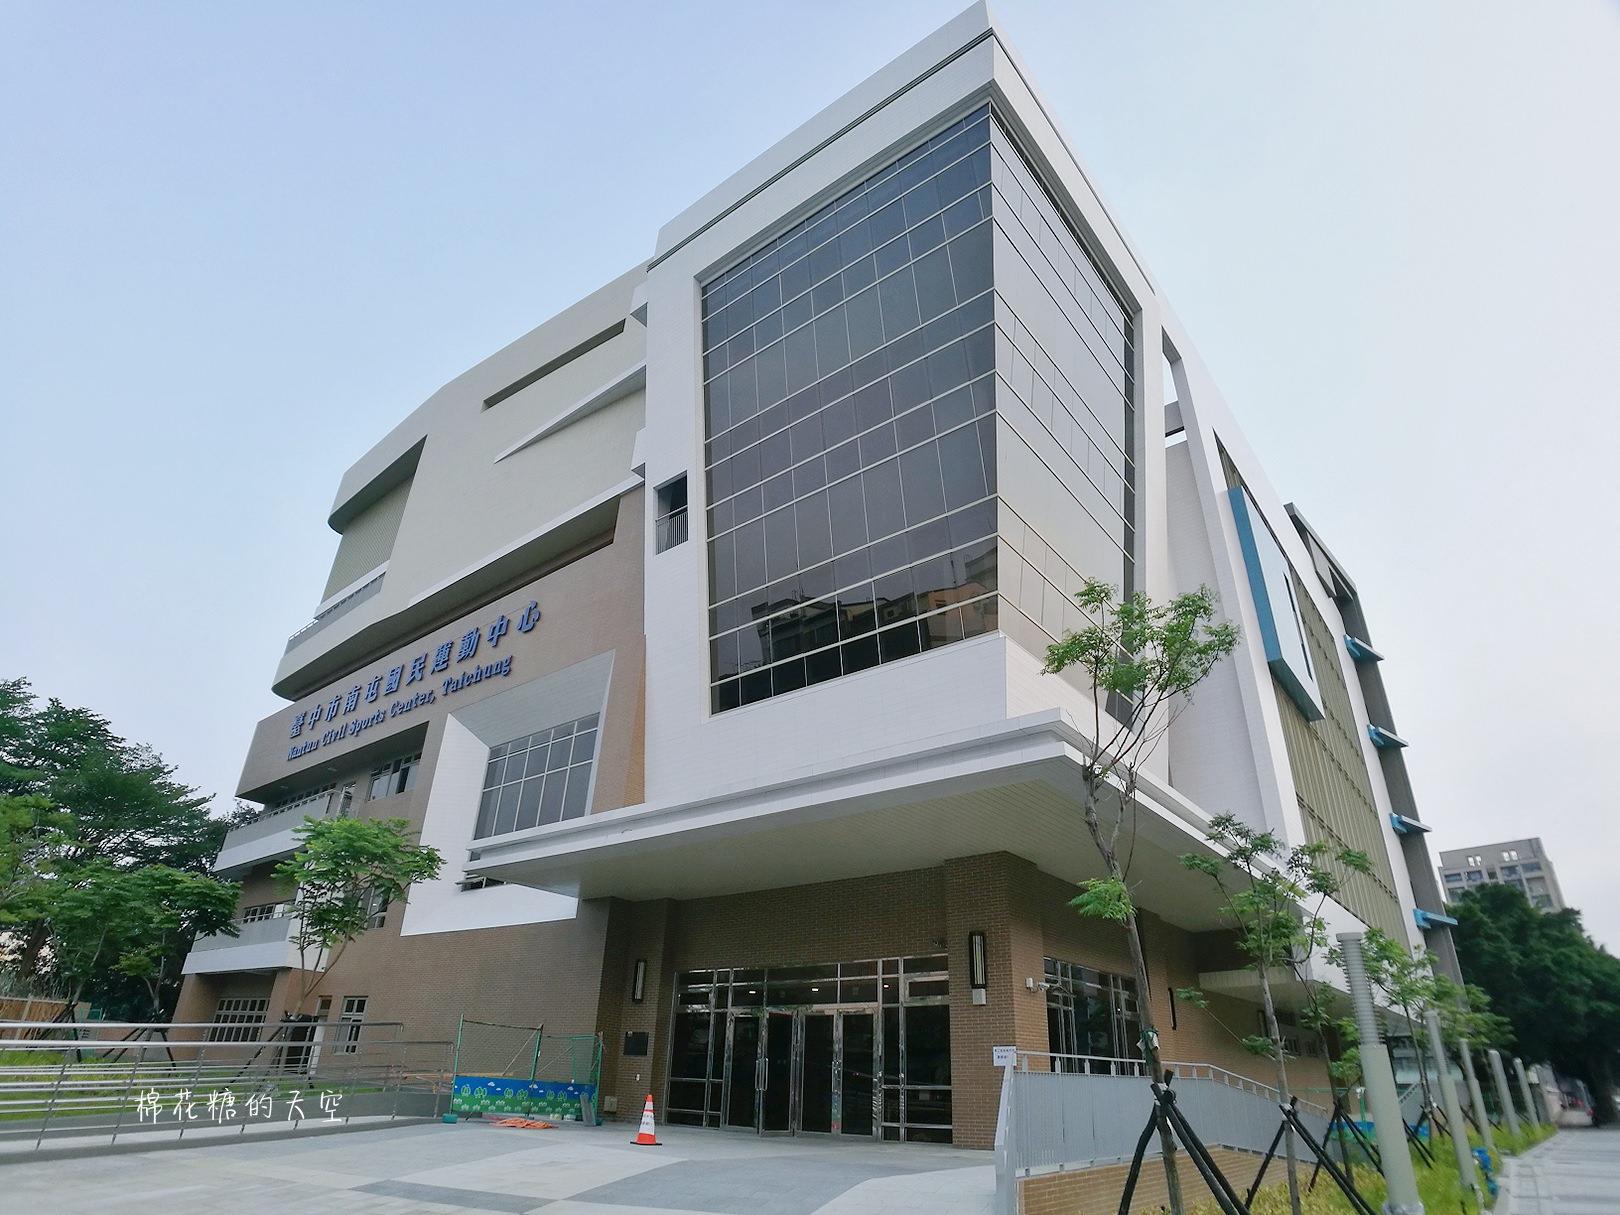 20180415154201 72 - 台中南屯國民運動中心五月中試營運!詳細收費、樓層分佈大公開